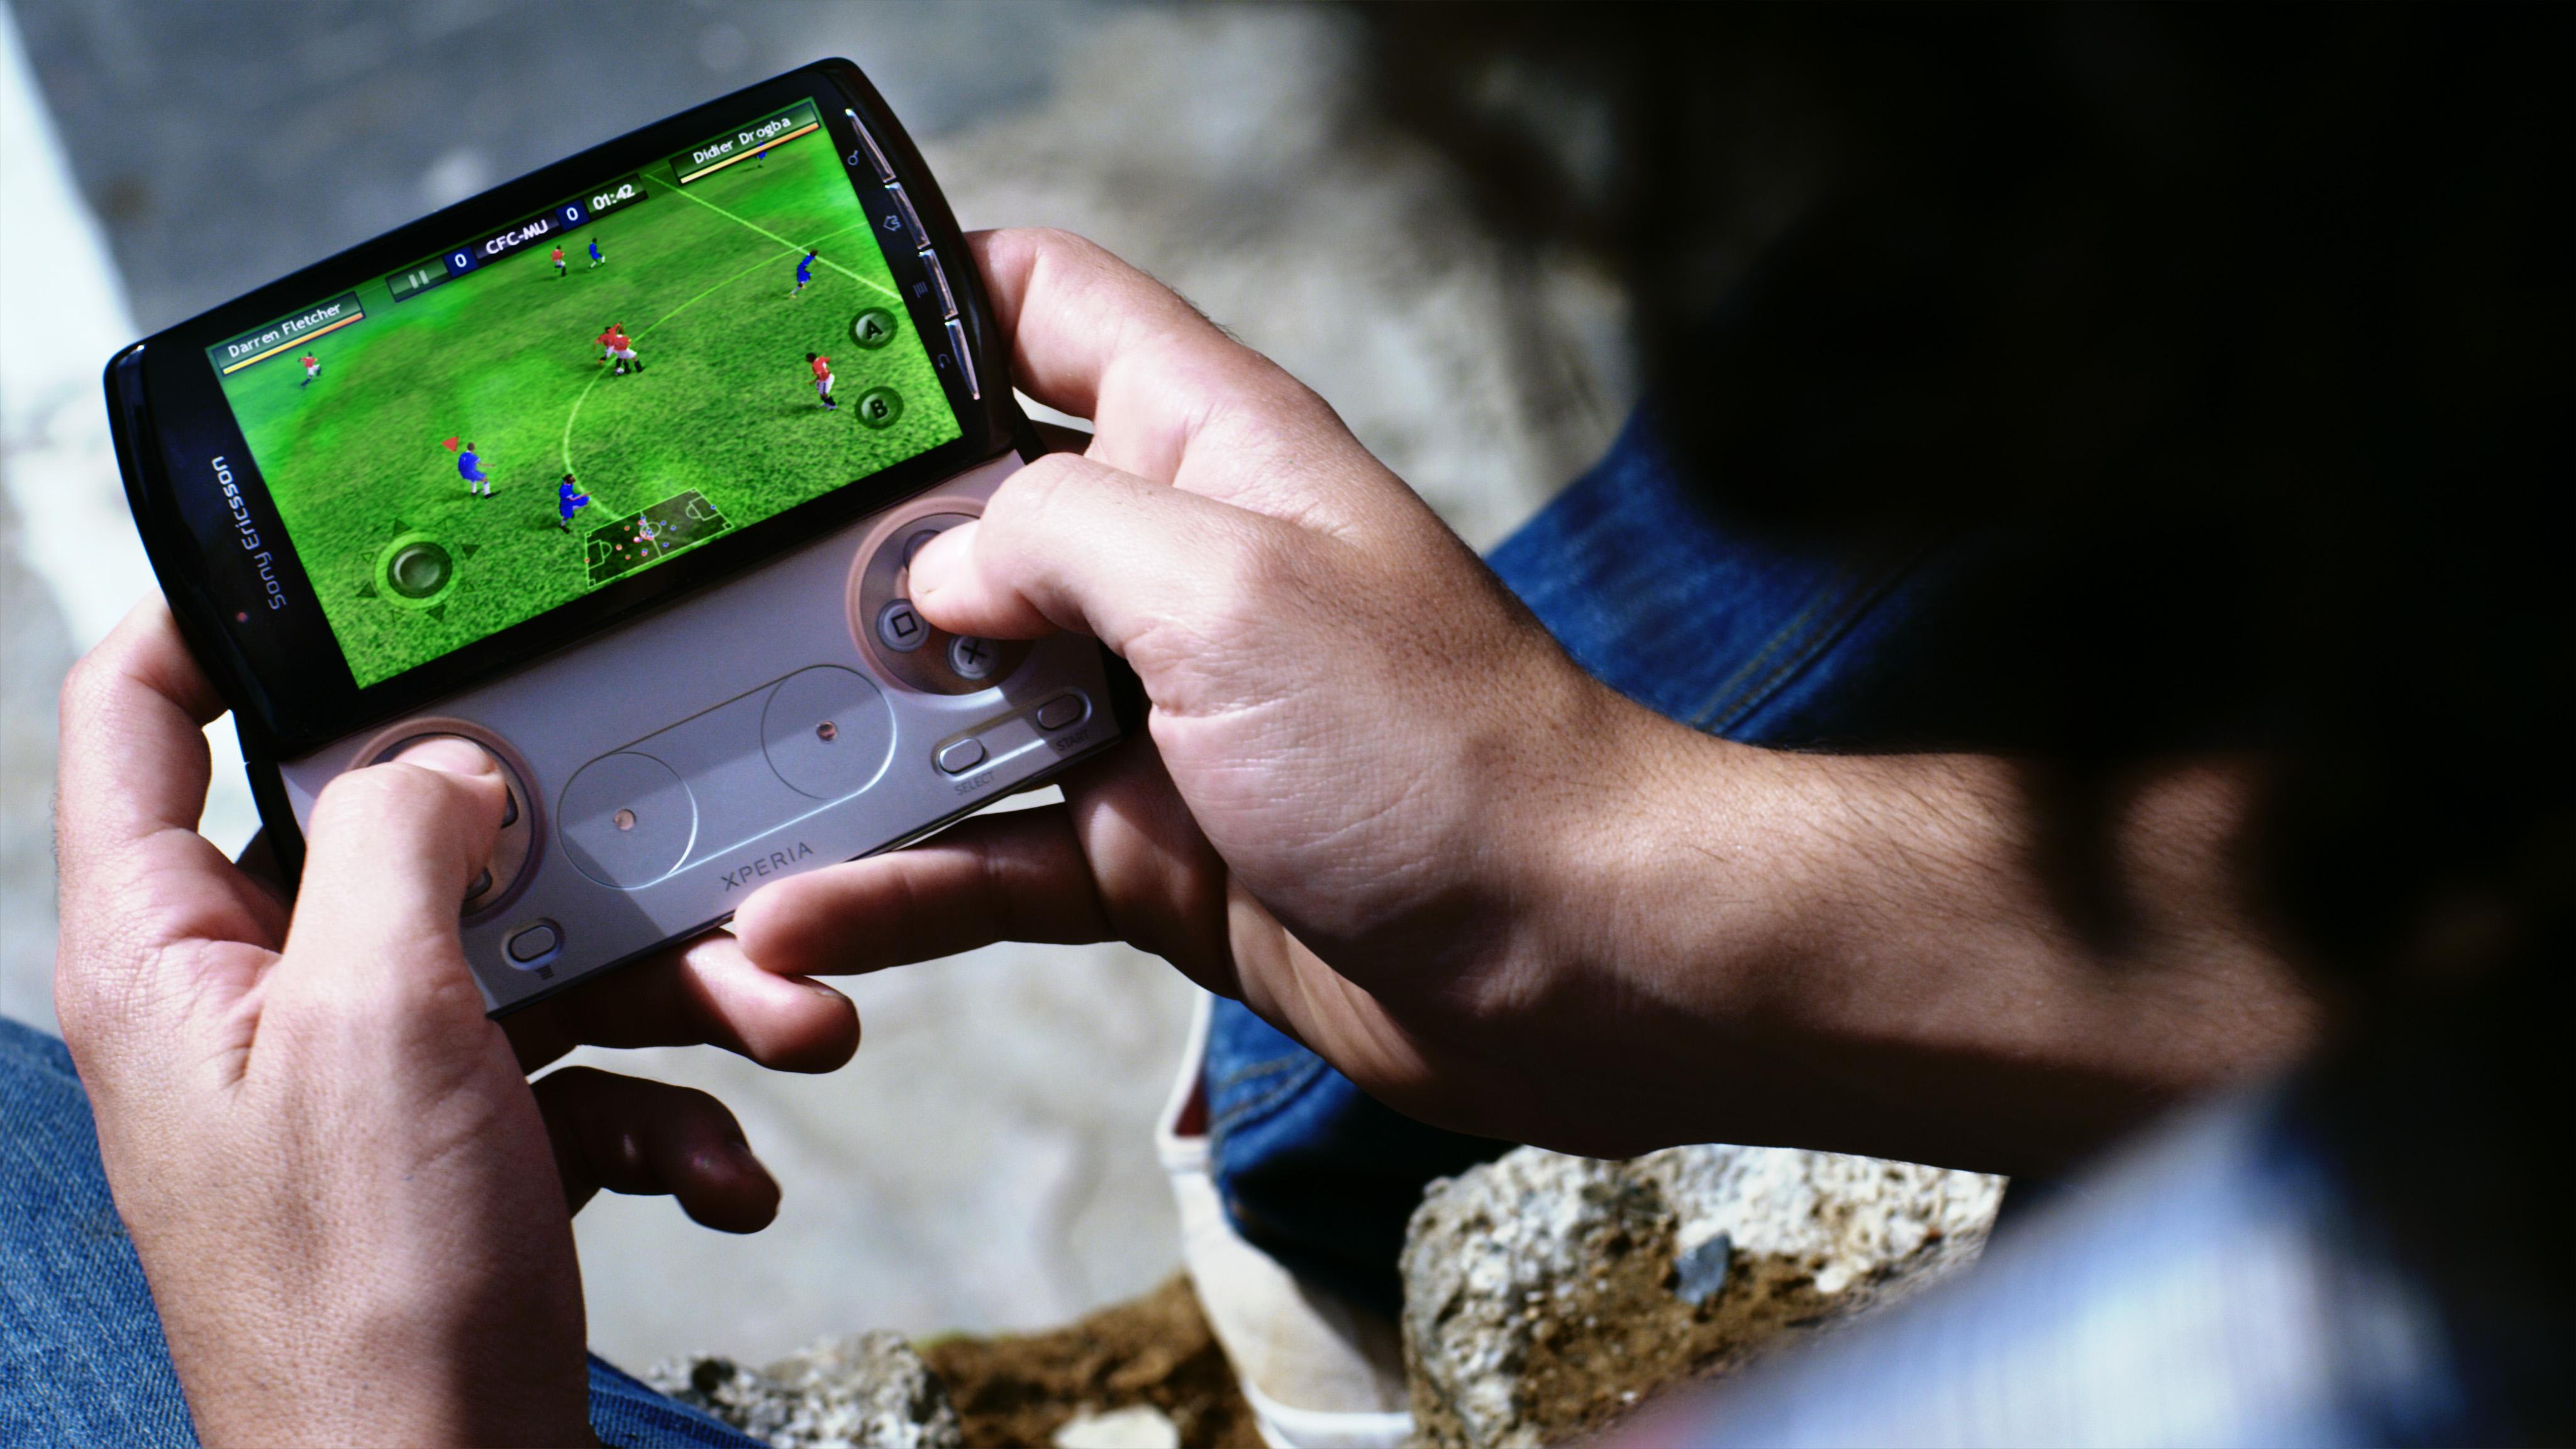 xperia-play-game3110213190830